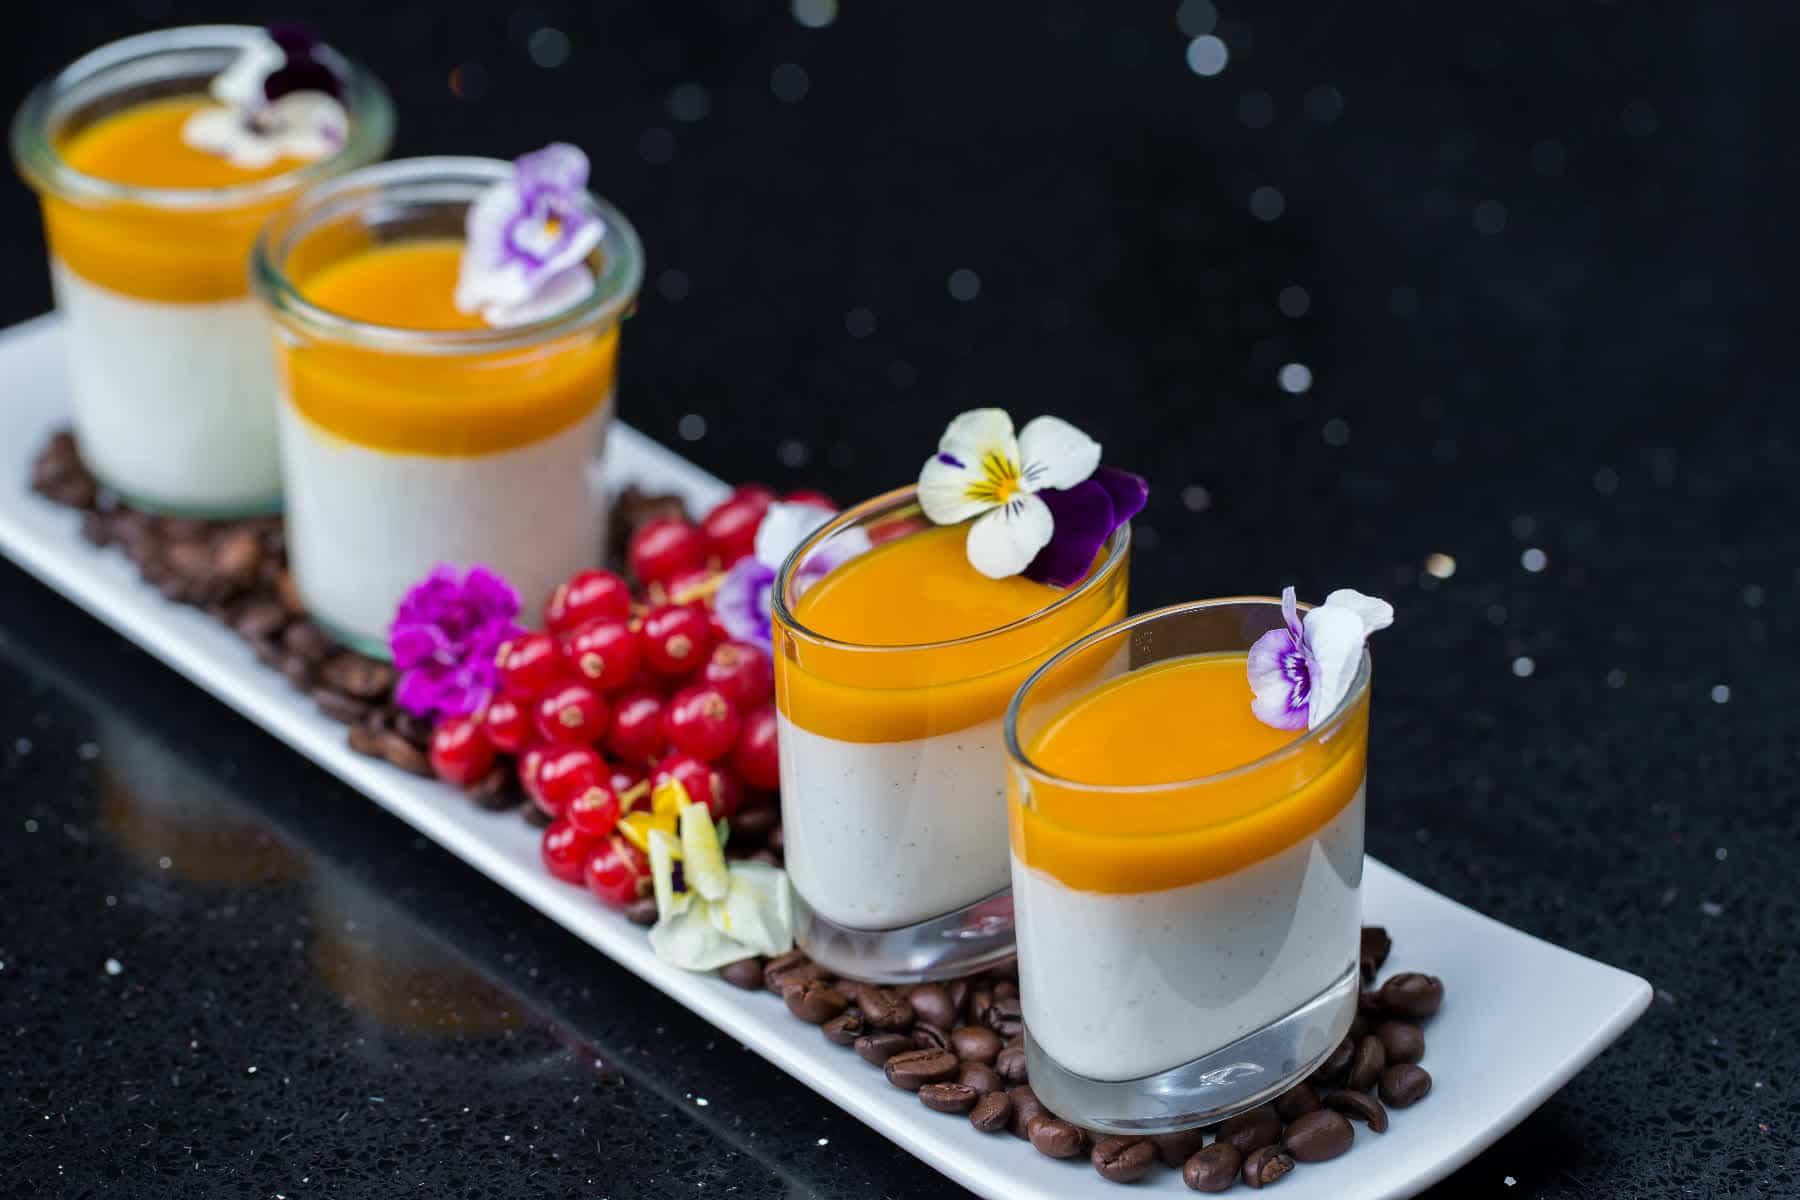 Foodfotografie 4 Weckgläser als Dessert mit Bohnen und Beehren